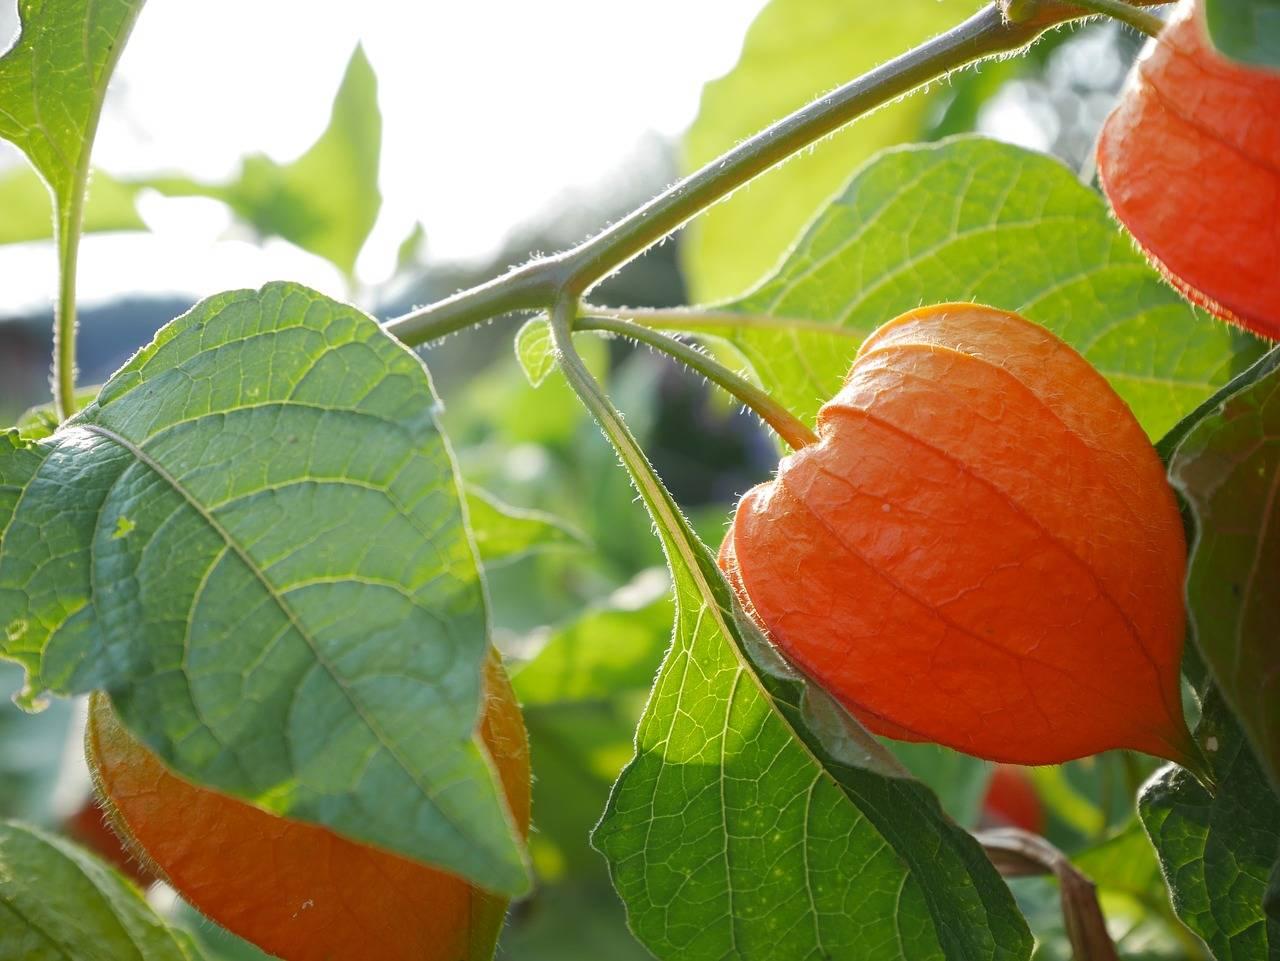 Физалис: полезные и лечебные свойства, как употреблять в пищу, противопоказания. возможные побочные эффекты фезалиса и вред для организма